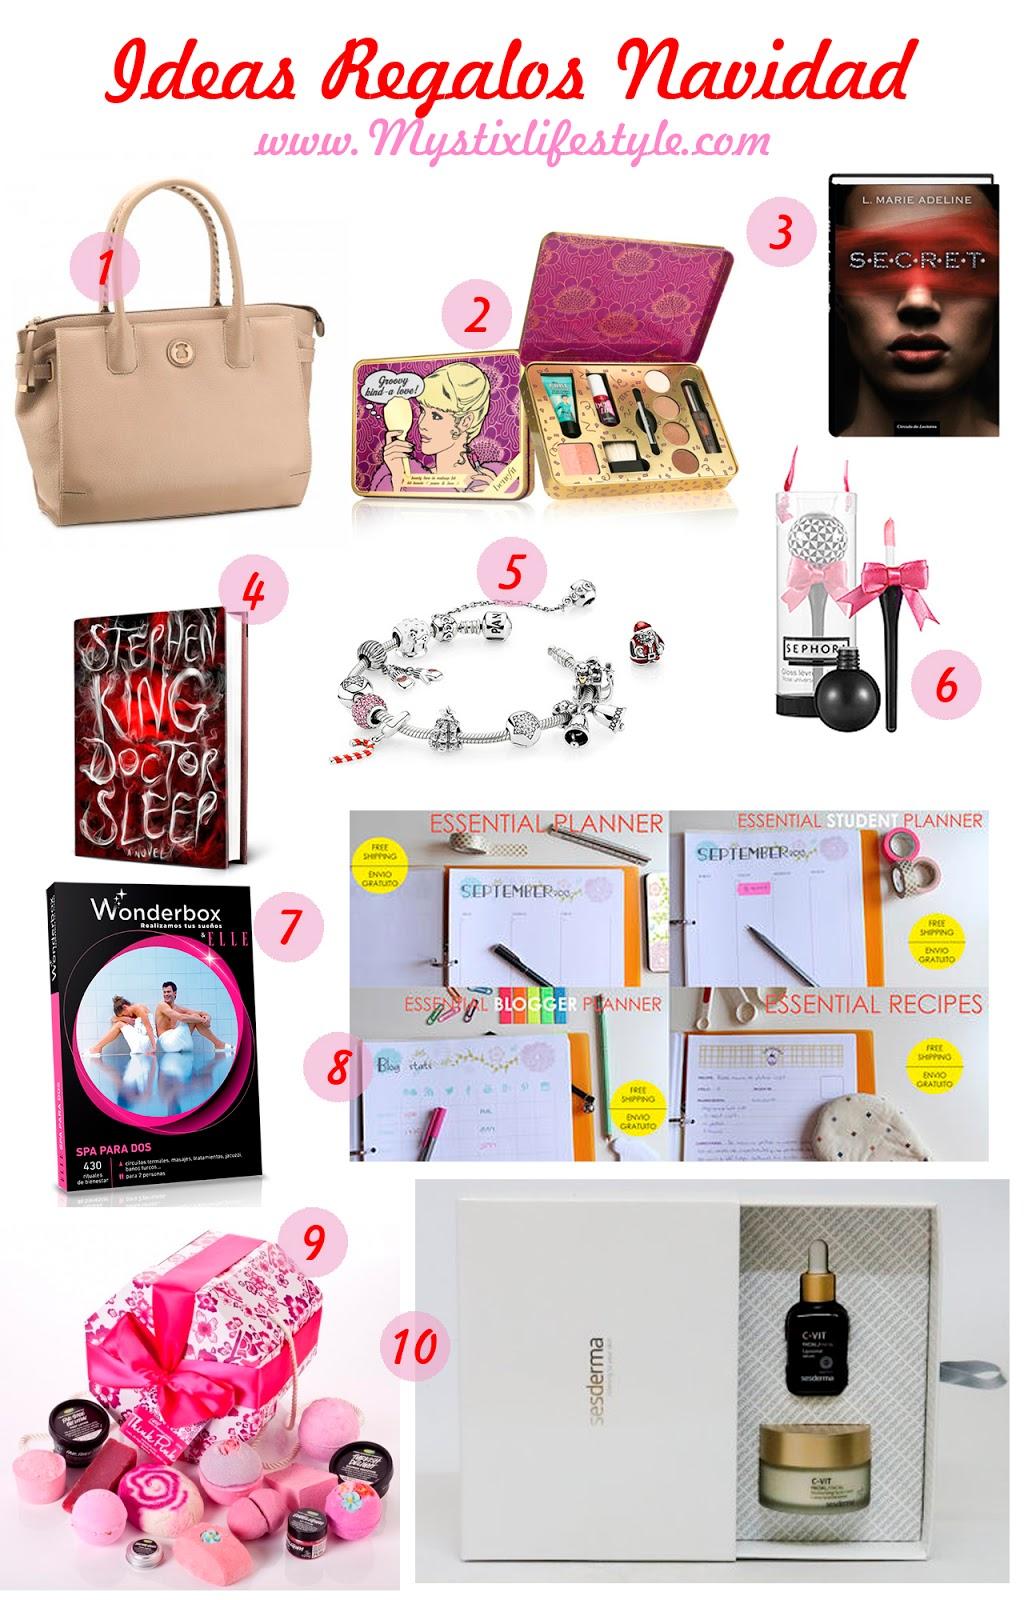 10 Ideas para regalos de Navidad, seguro que sorprendes con ellos